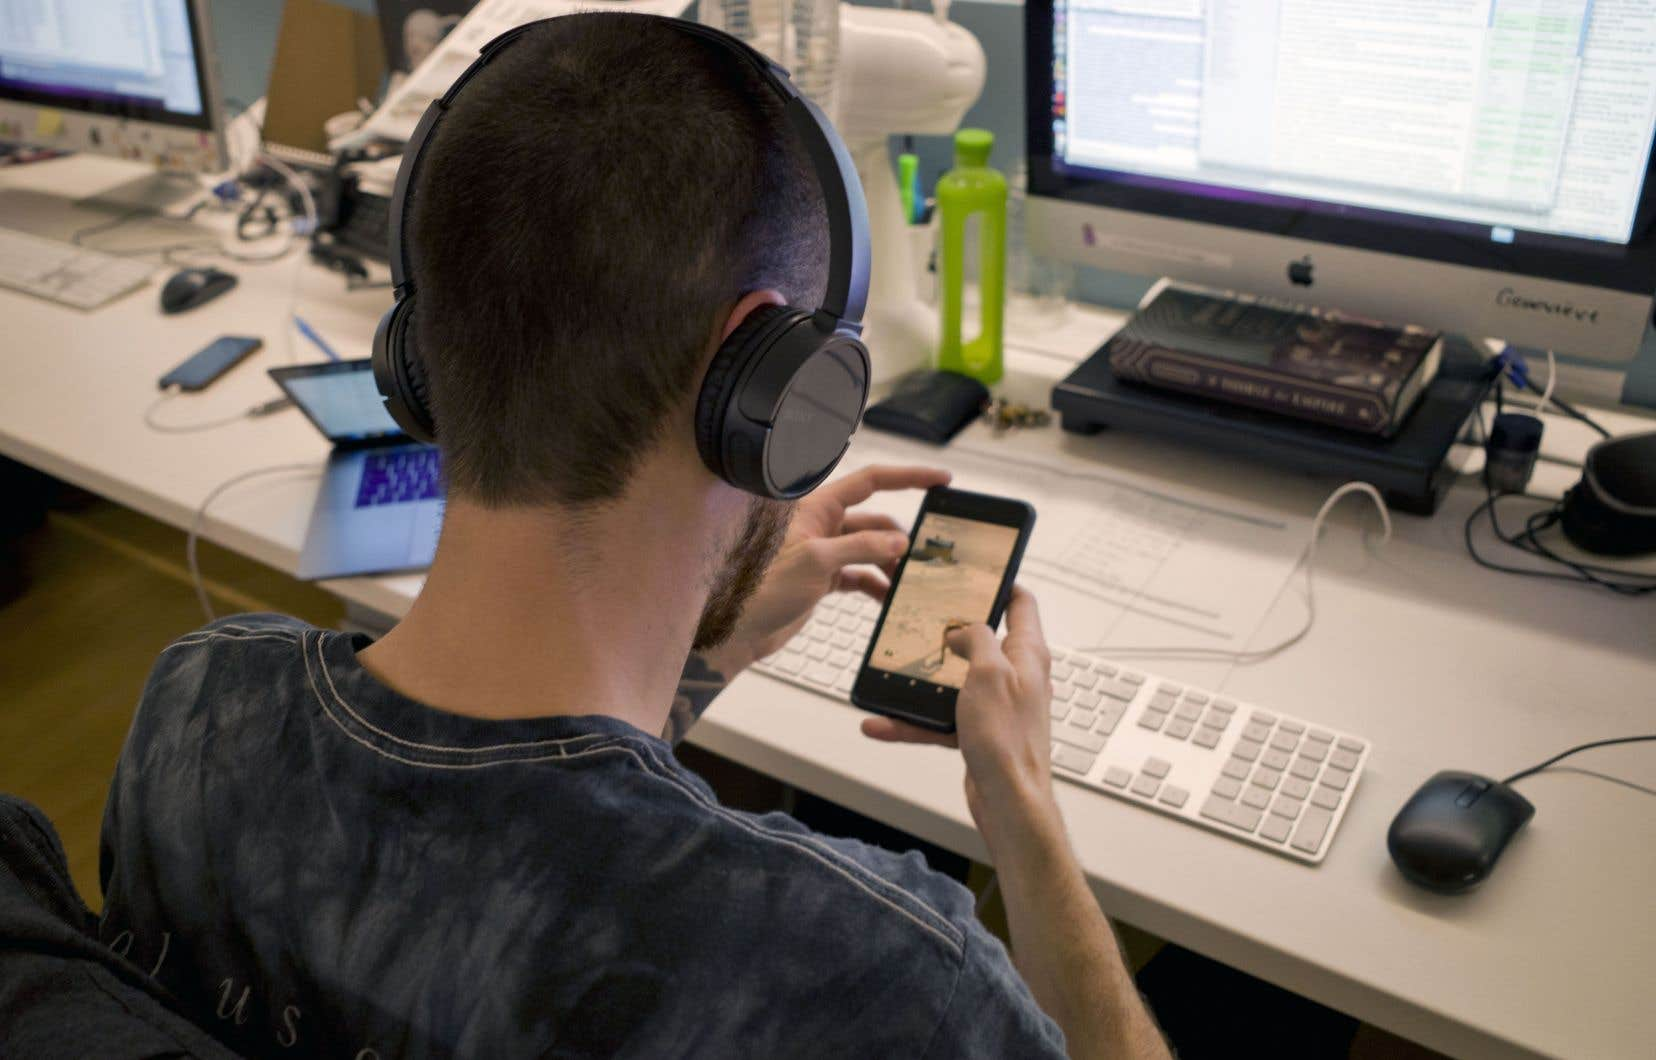 Les collectes issues de la sphère numérique ont augmenté de 38% en 2019.